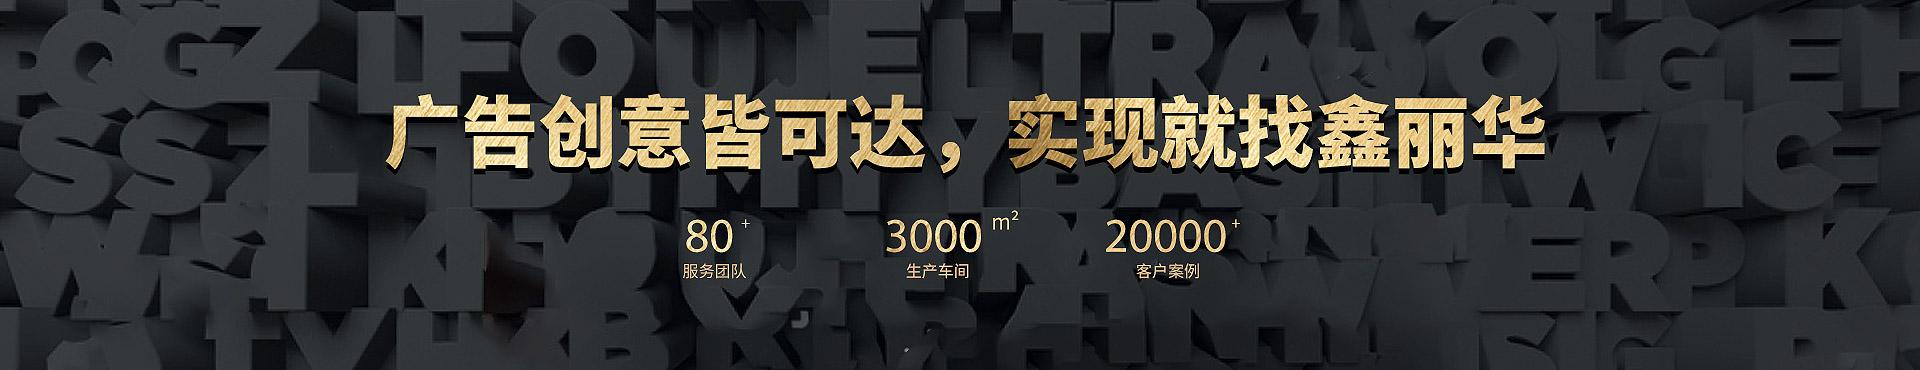 鑫丽华广告